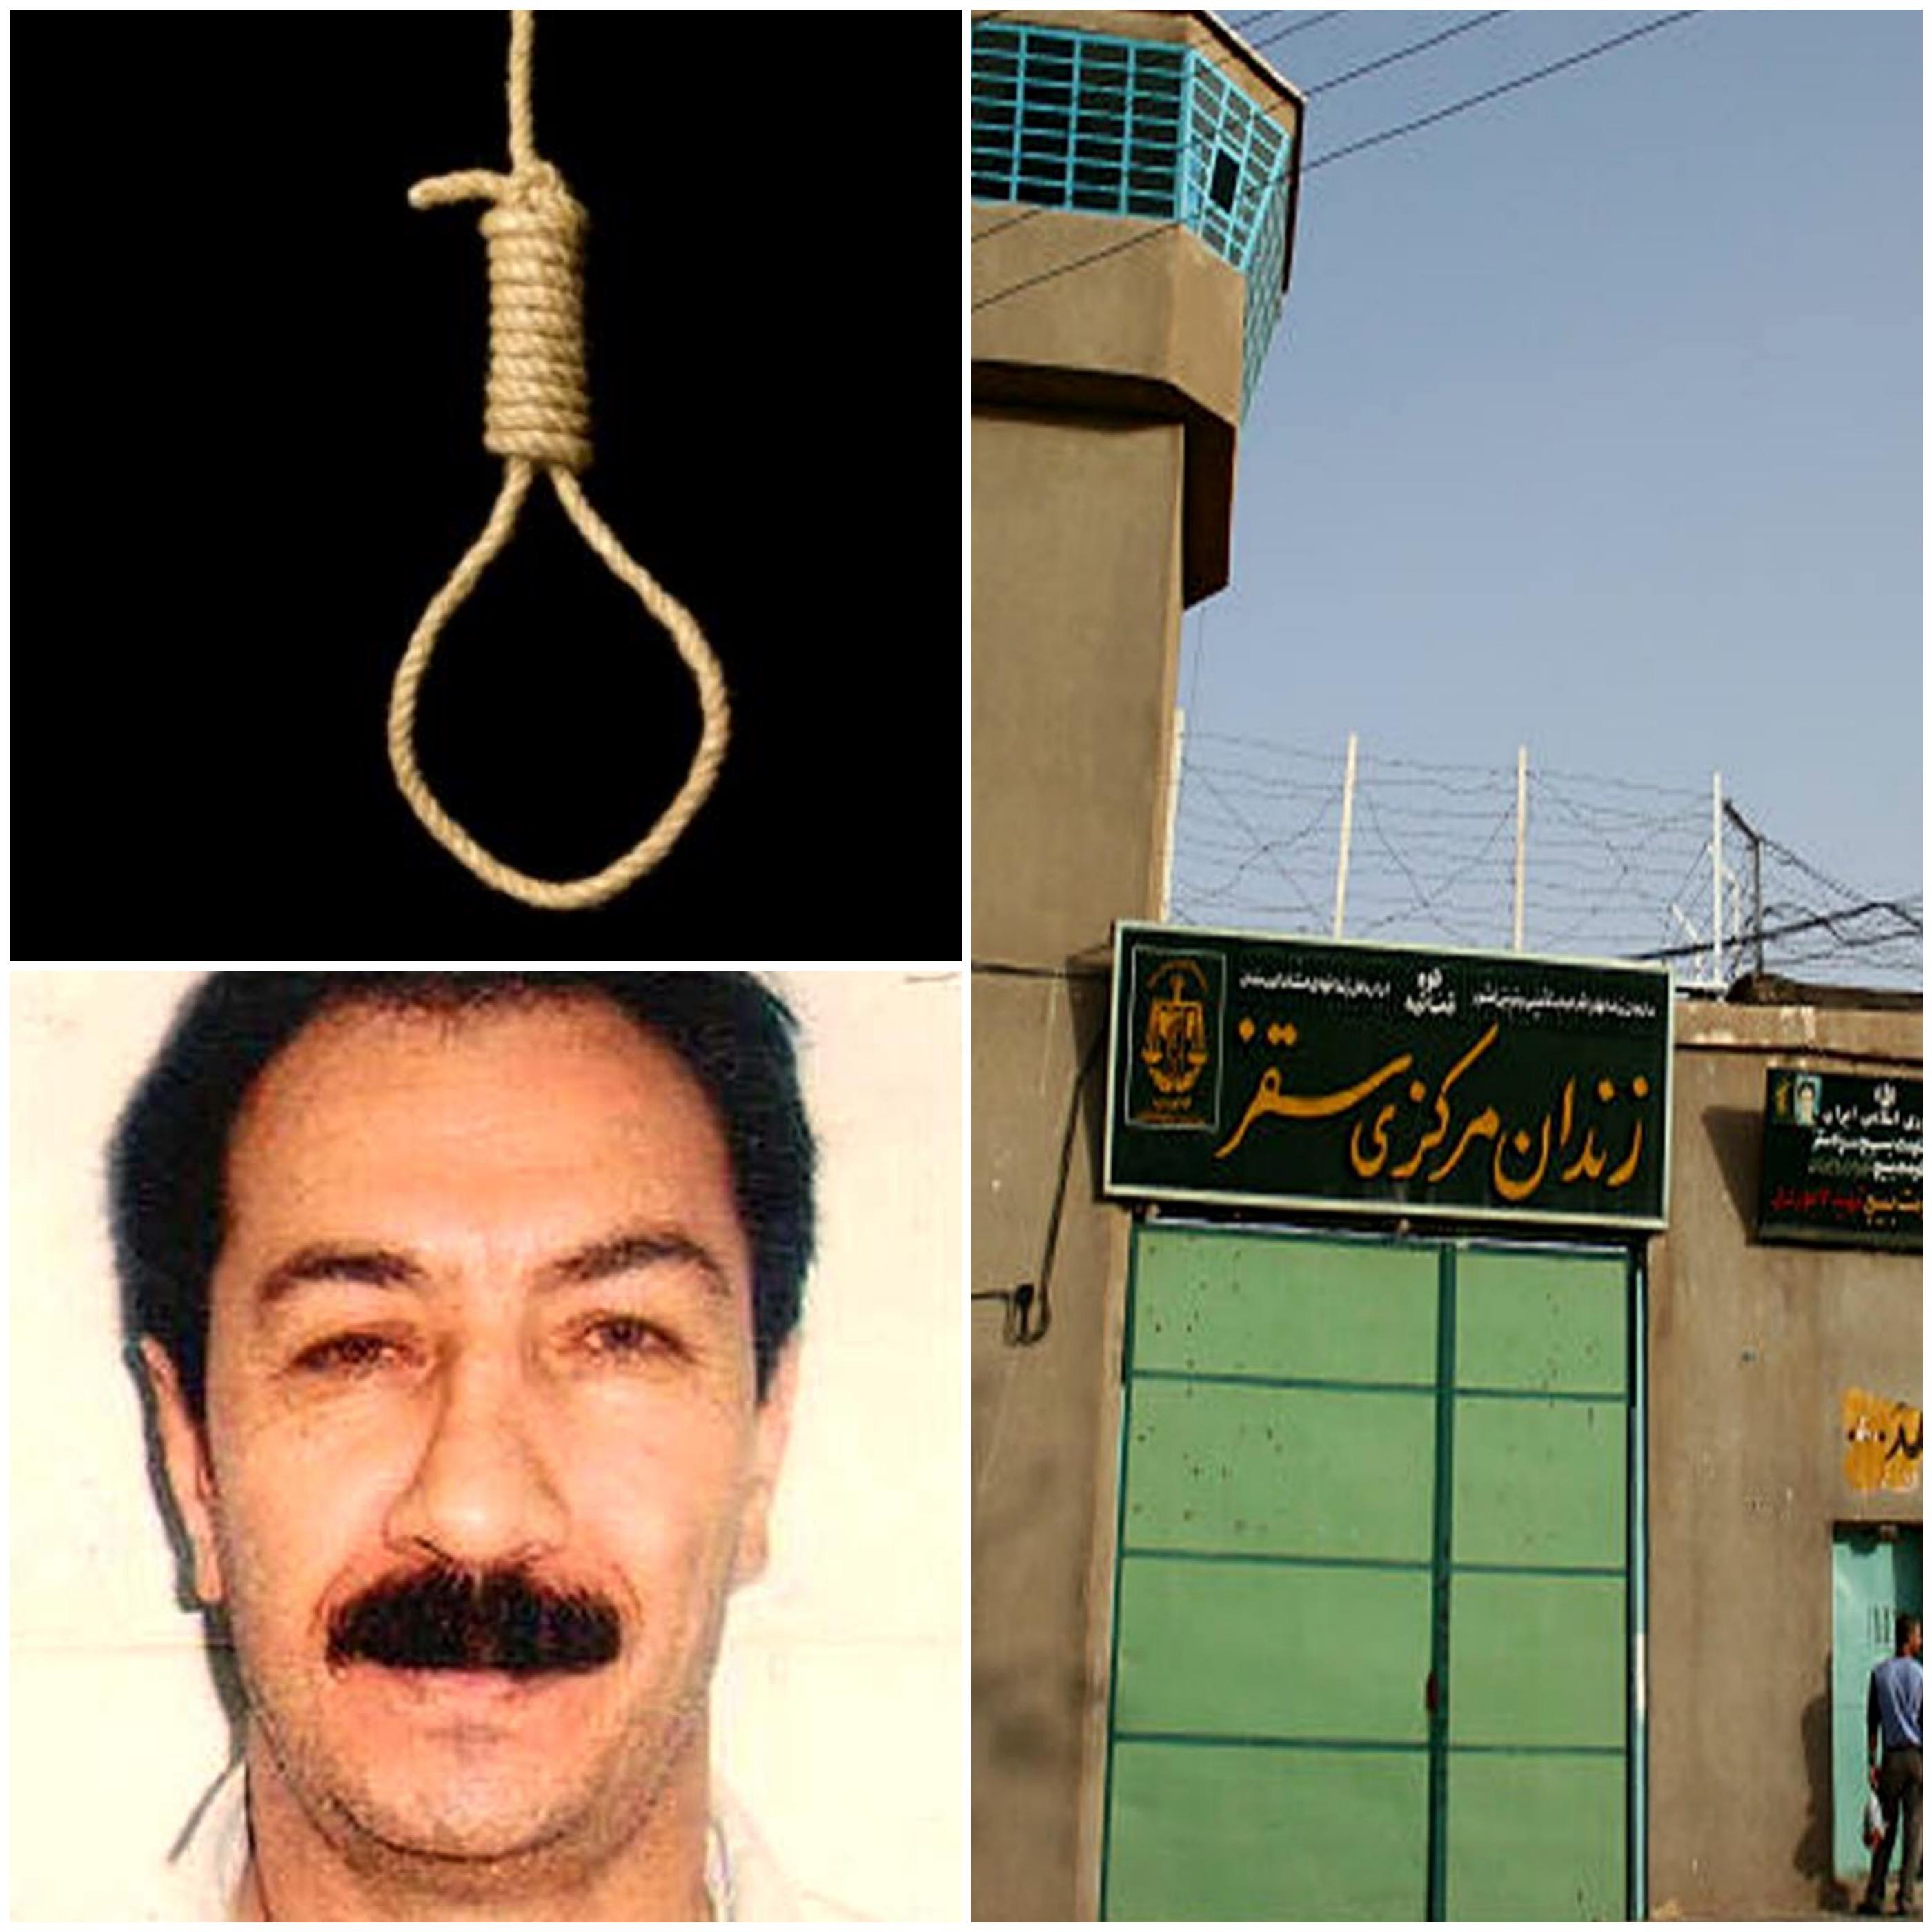 گزارشی از وضعیت یک زندانی سیاسی کرد محکوم به اعدام